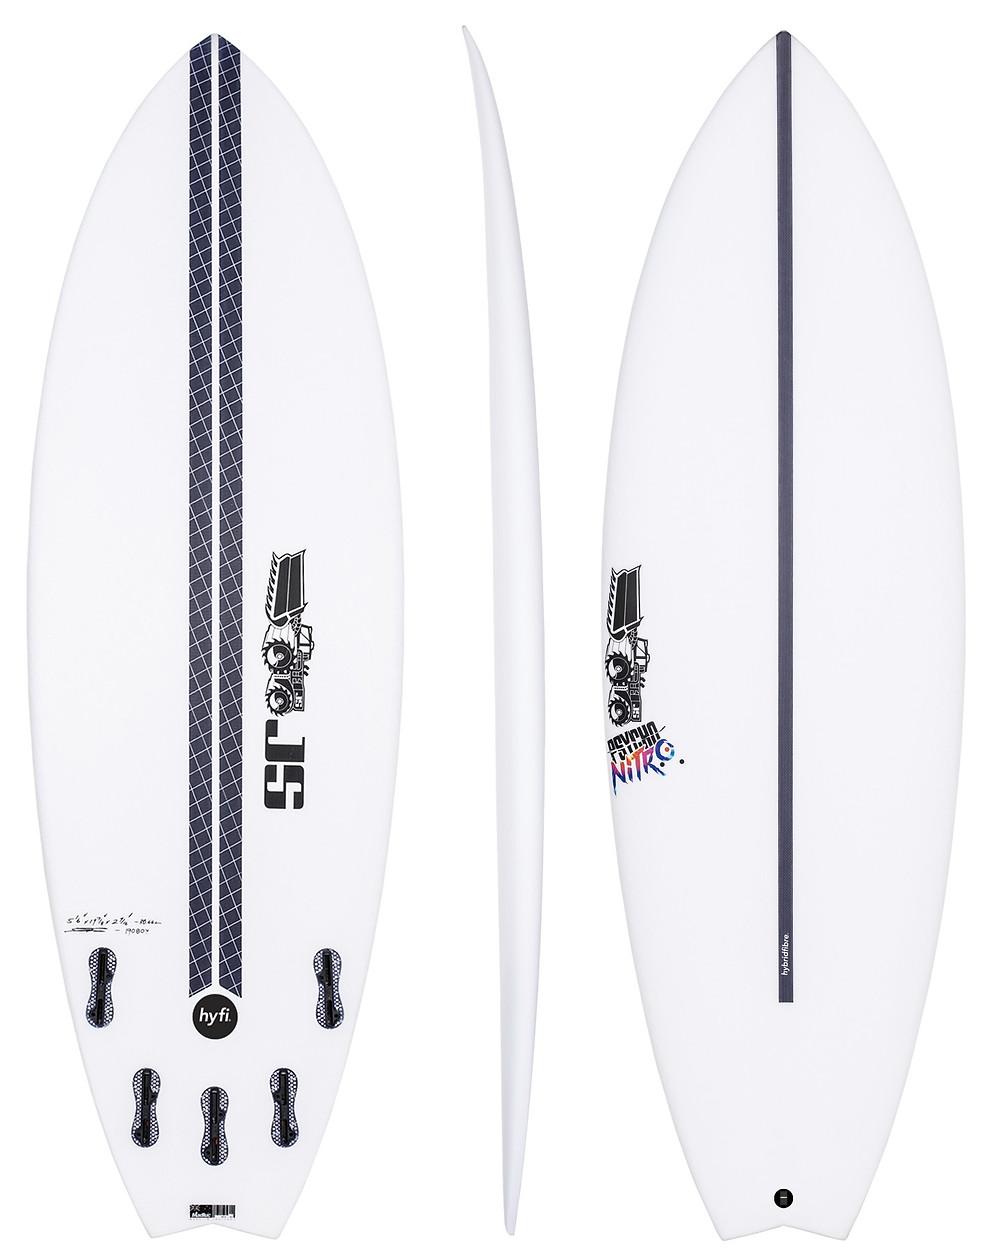 JS Psycho Nitro Hyfi 2018-Surfboard